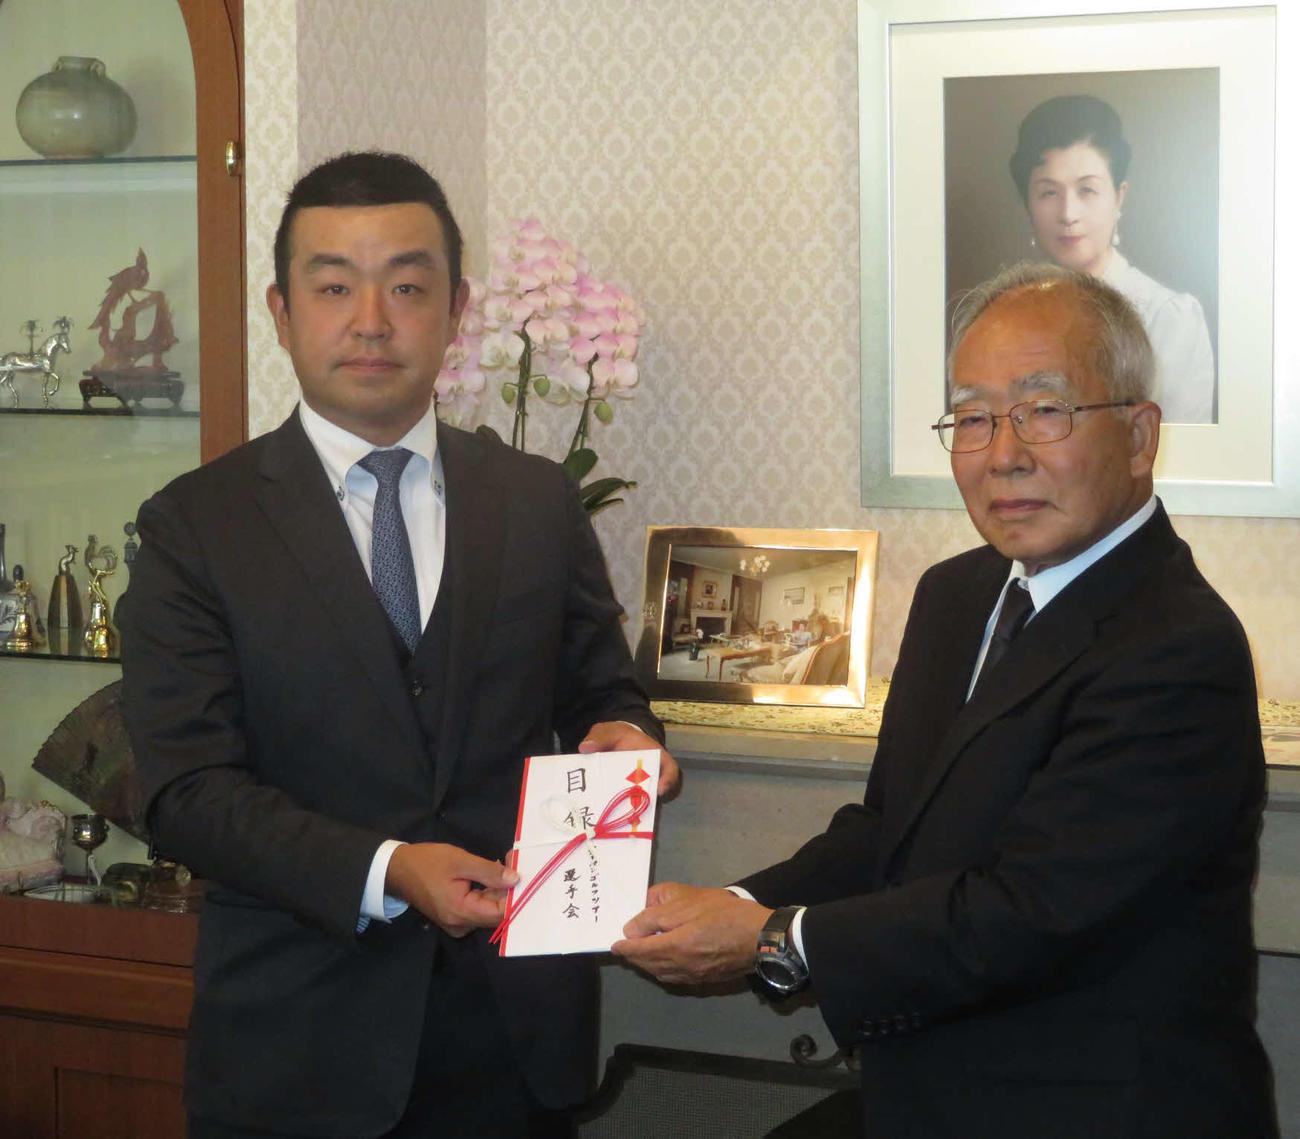 選手会の時松隆光会長(左)は、高松宮妃癌研究基金の関谷剛男理事長に目録を手渡した